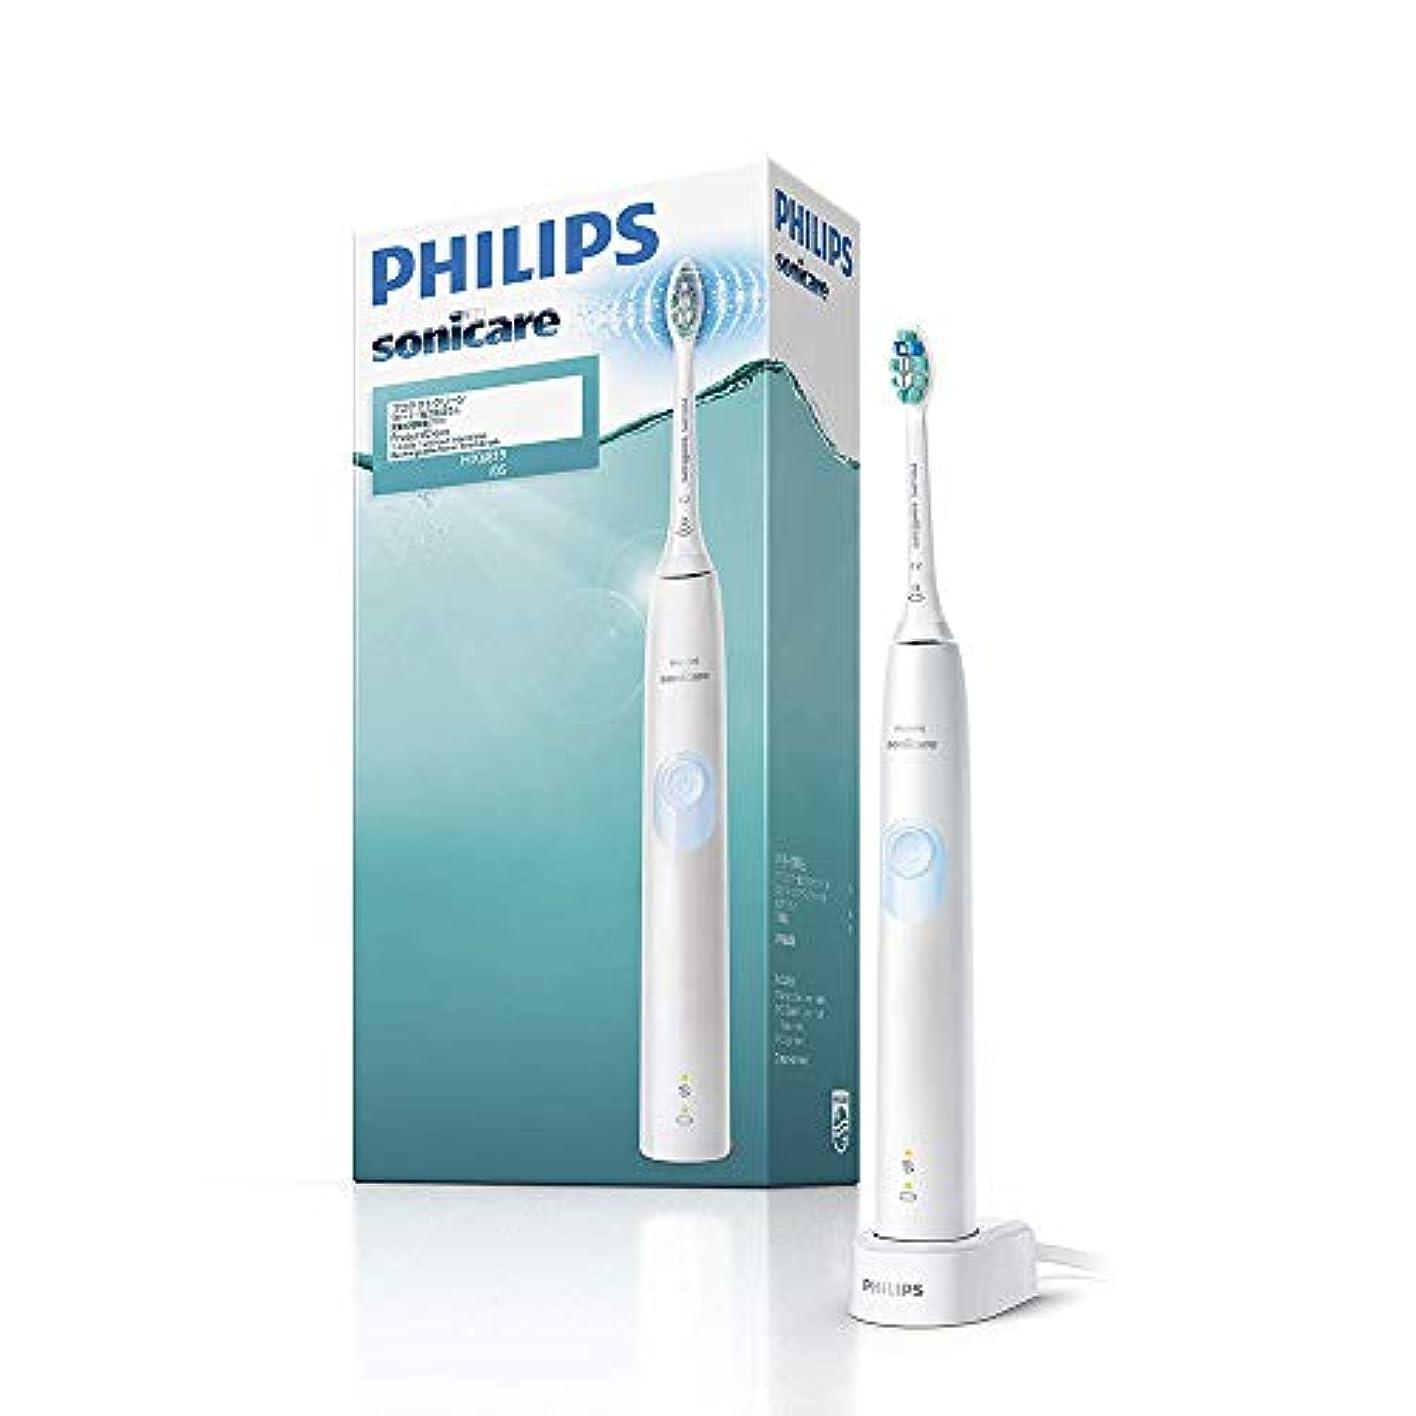 困った放棄少ない【Amazon.co.jp限定】フィリップス ソニッケアー プロテクトクリーン ホワイトライトブルー 電動歯ブラシ 強さ設定なし HX6819/05